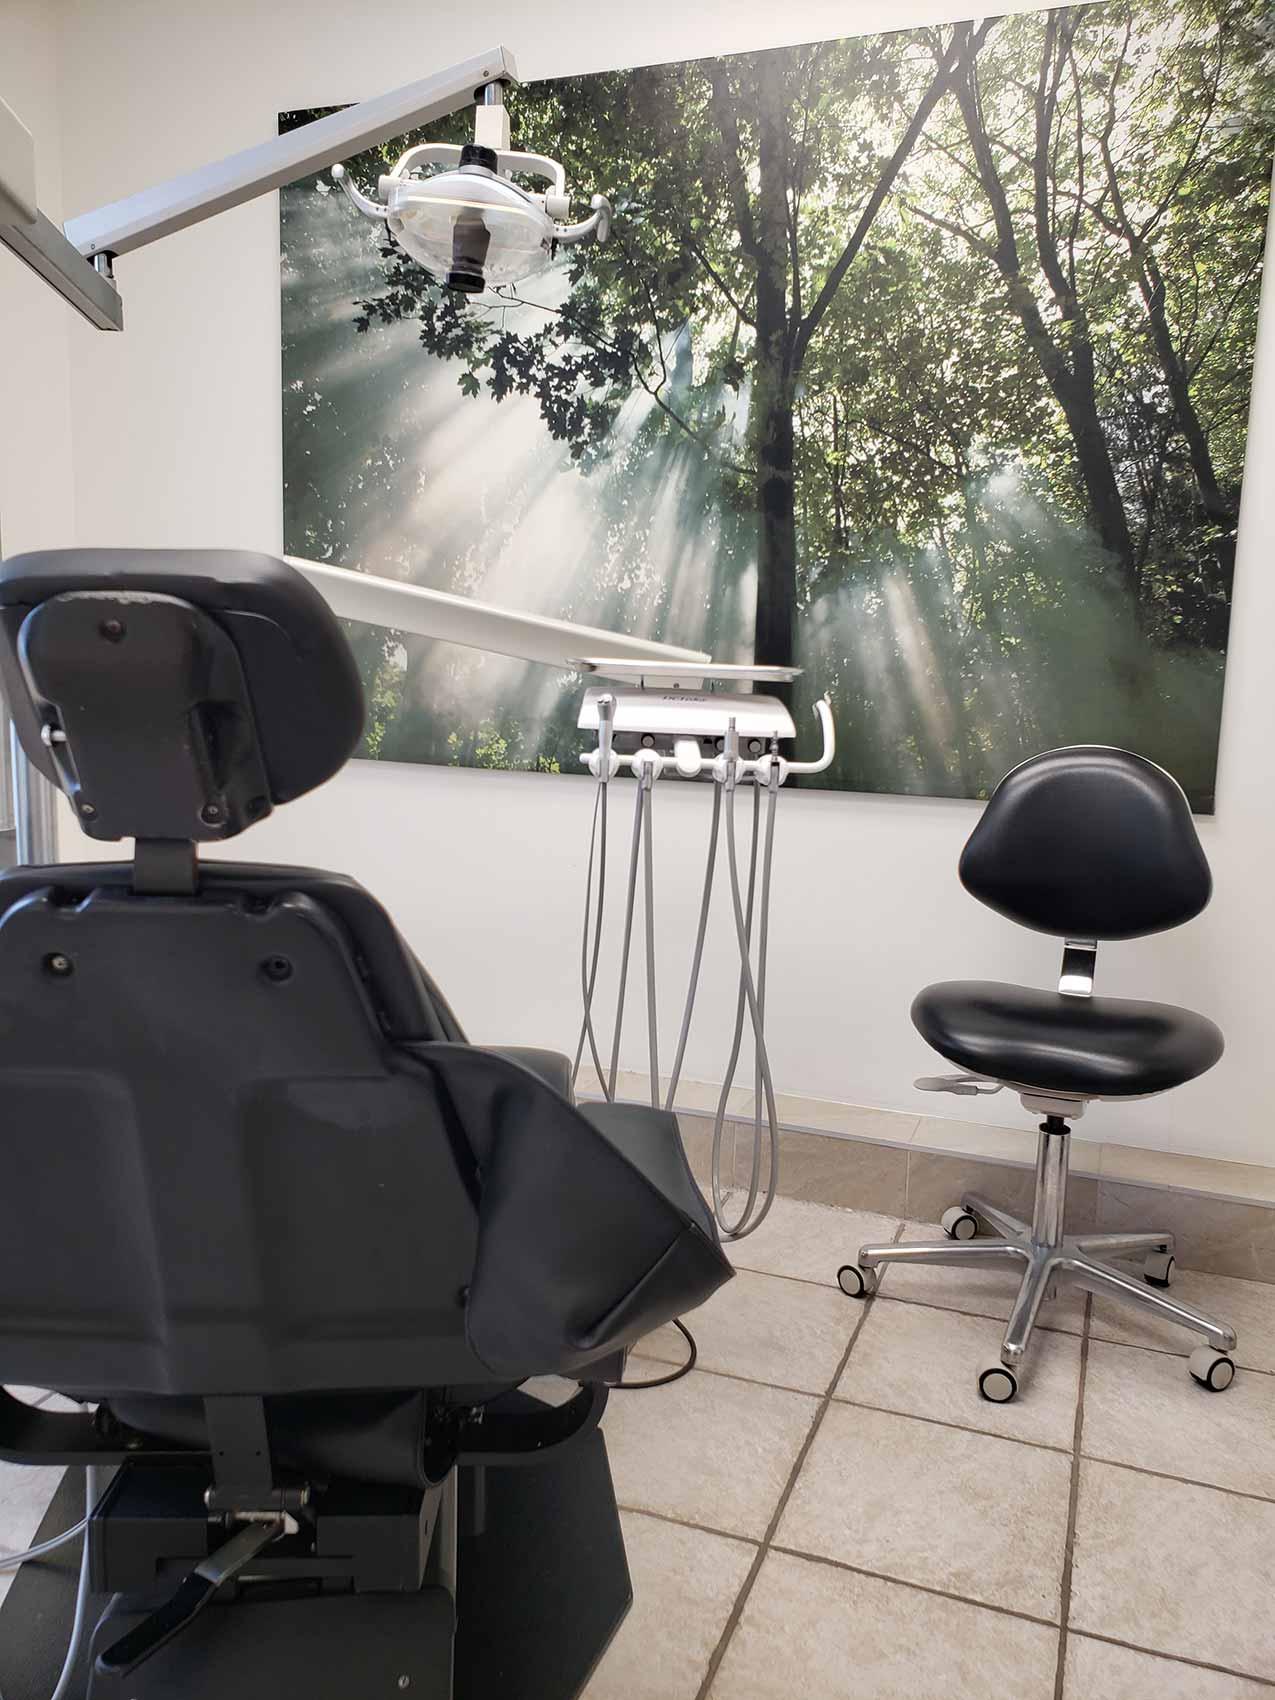 salle d'examen dentaire - Clinique dentaire Richard Landry